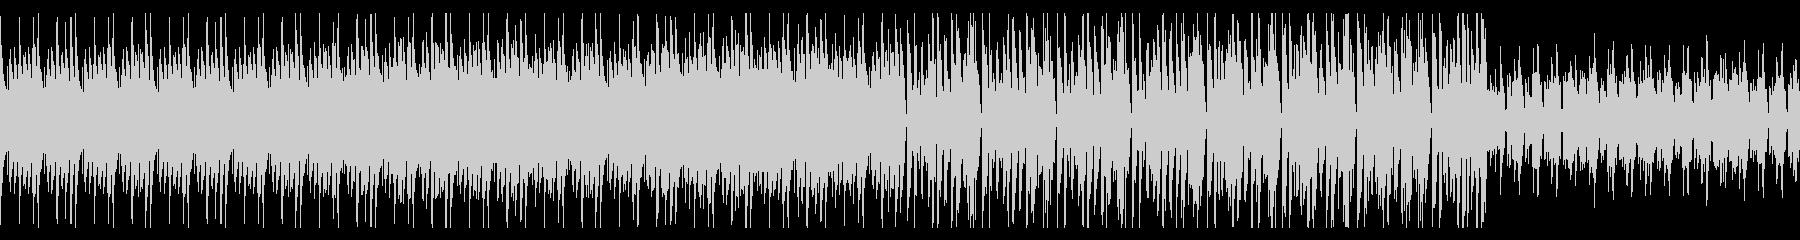 電子音のテクスチャBGMの未再生の波形